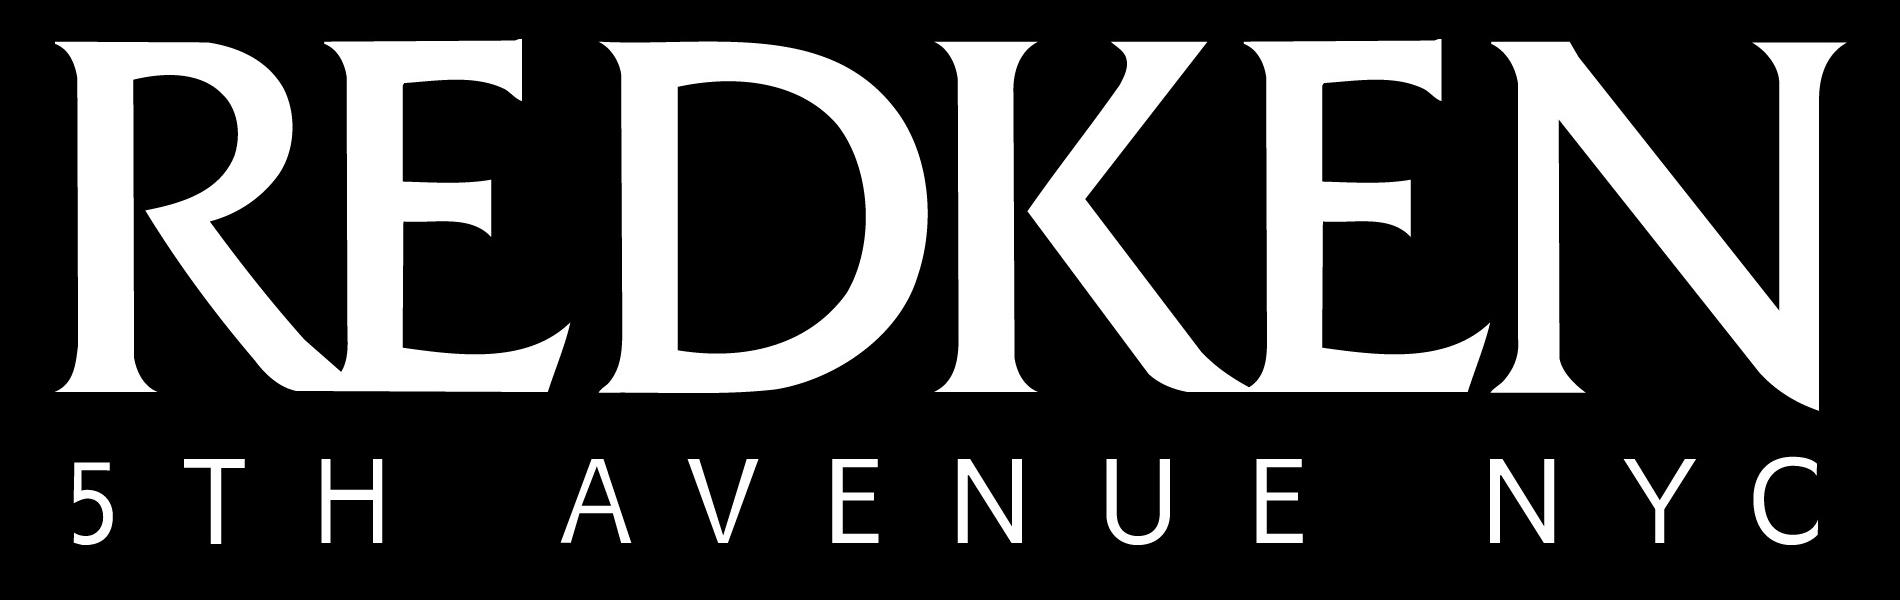 Redken_logo_black